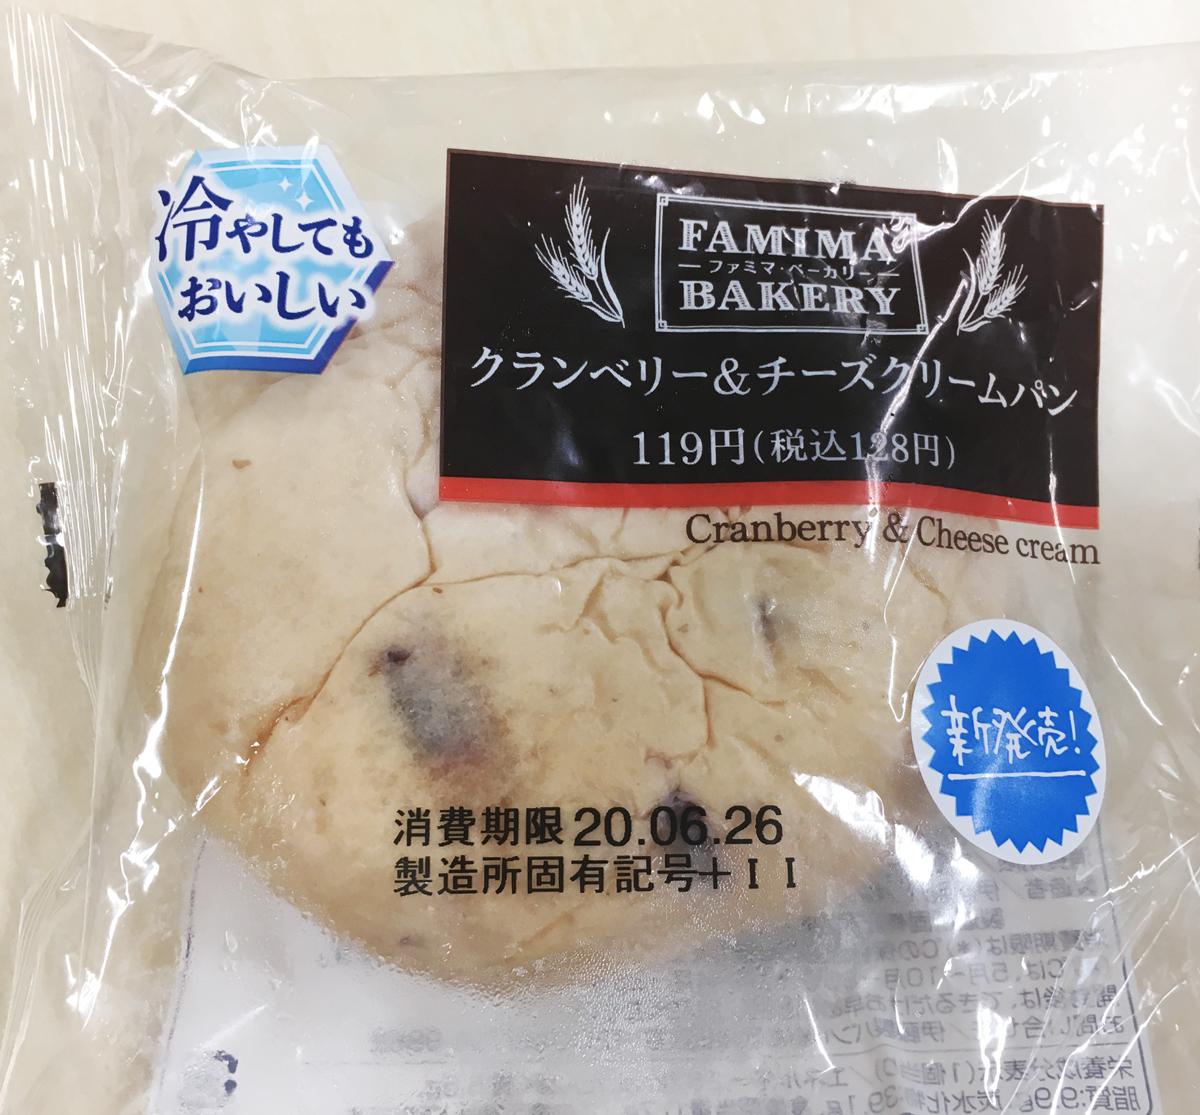 柔らかいパン生地と甘酸っぱいチーズクリームの絶妙な味わい。ファミマベーカリー「クランベリー&チーズクリームパン」